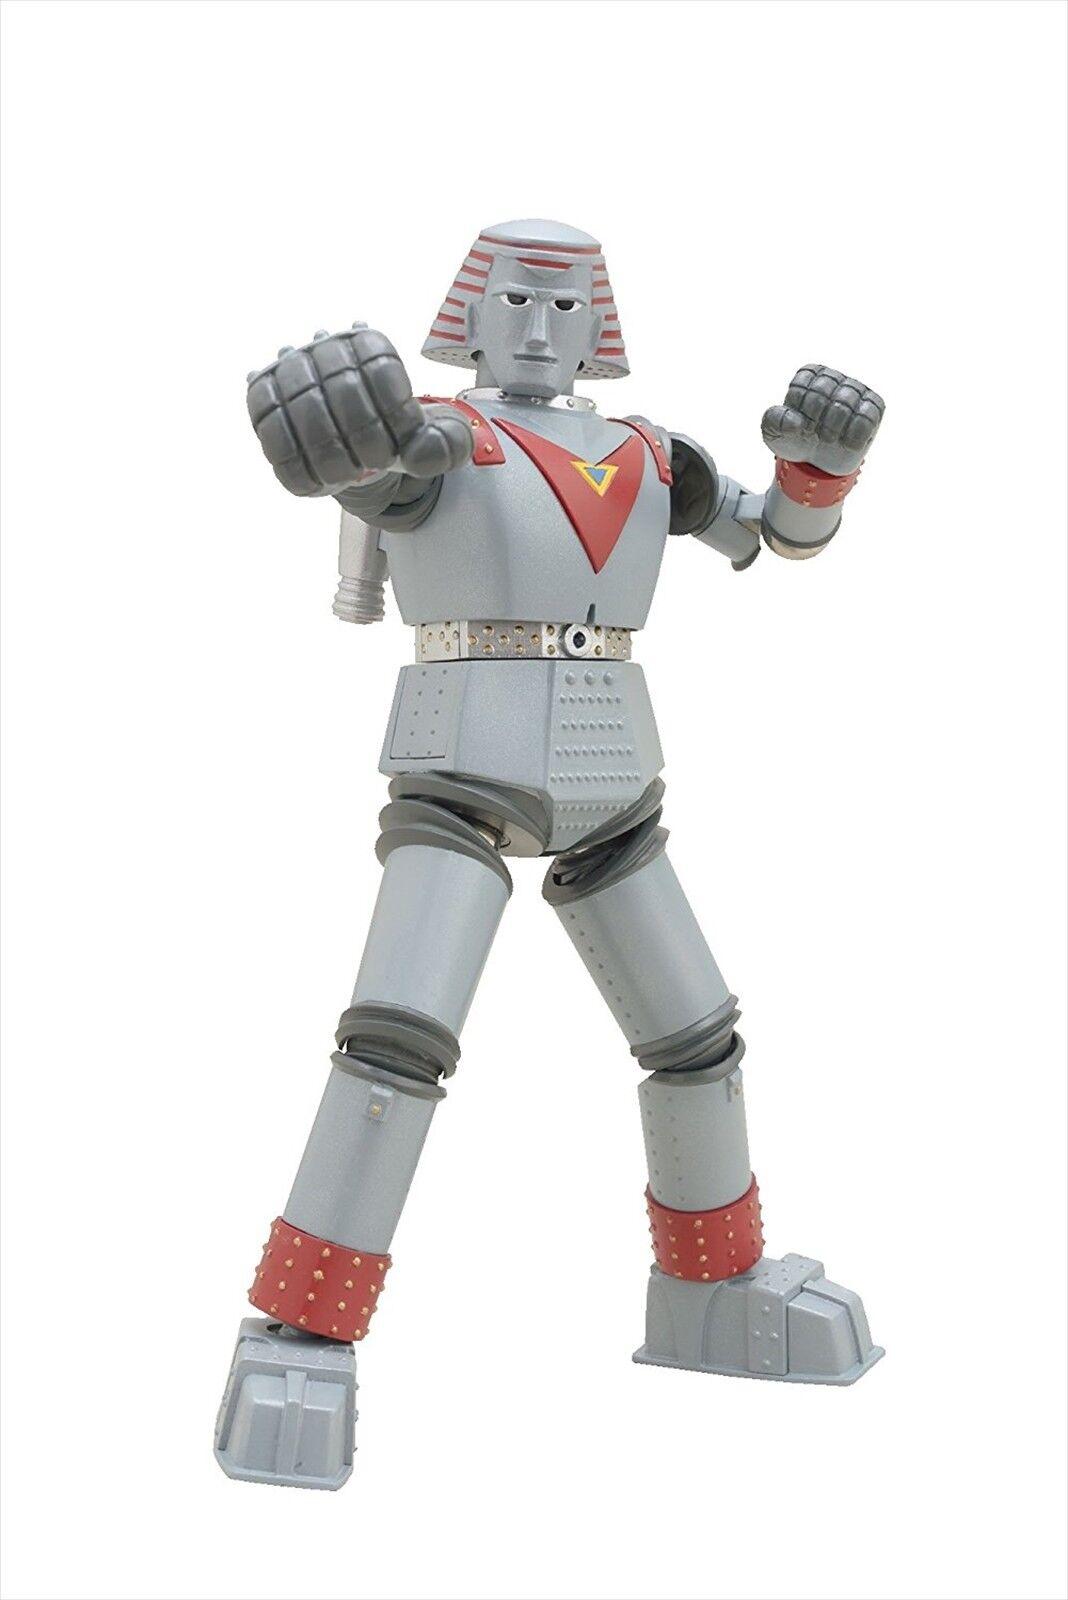 Evolution giocattolo Dynamite azione No.  32 GIANT ROBO azione cifra Japan nuovo  fino al 60% di sconto